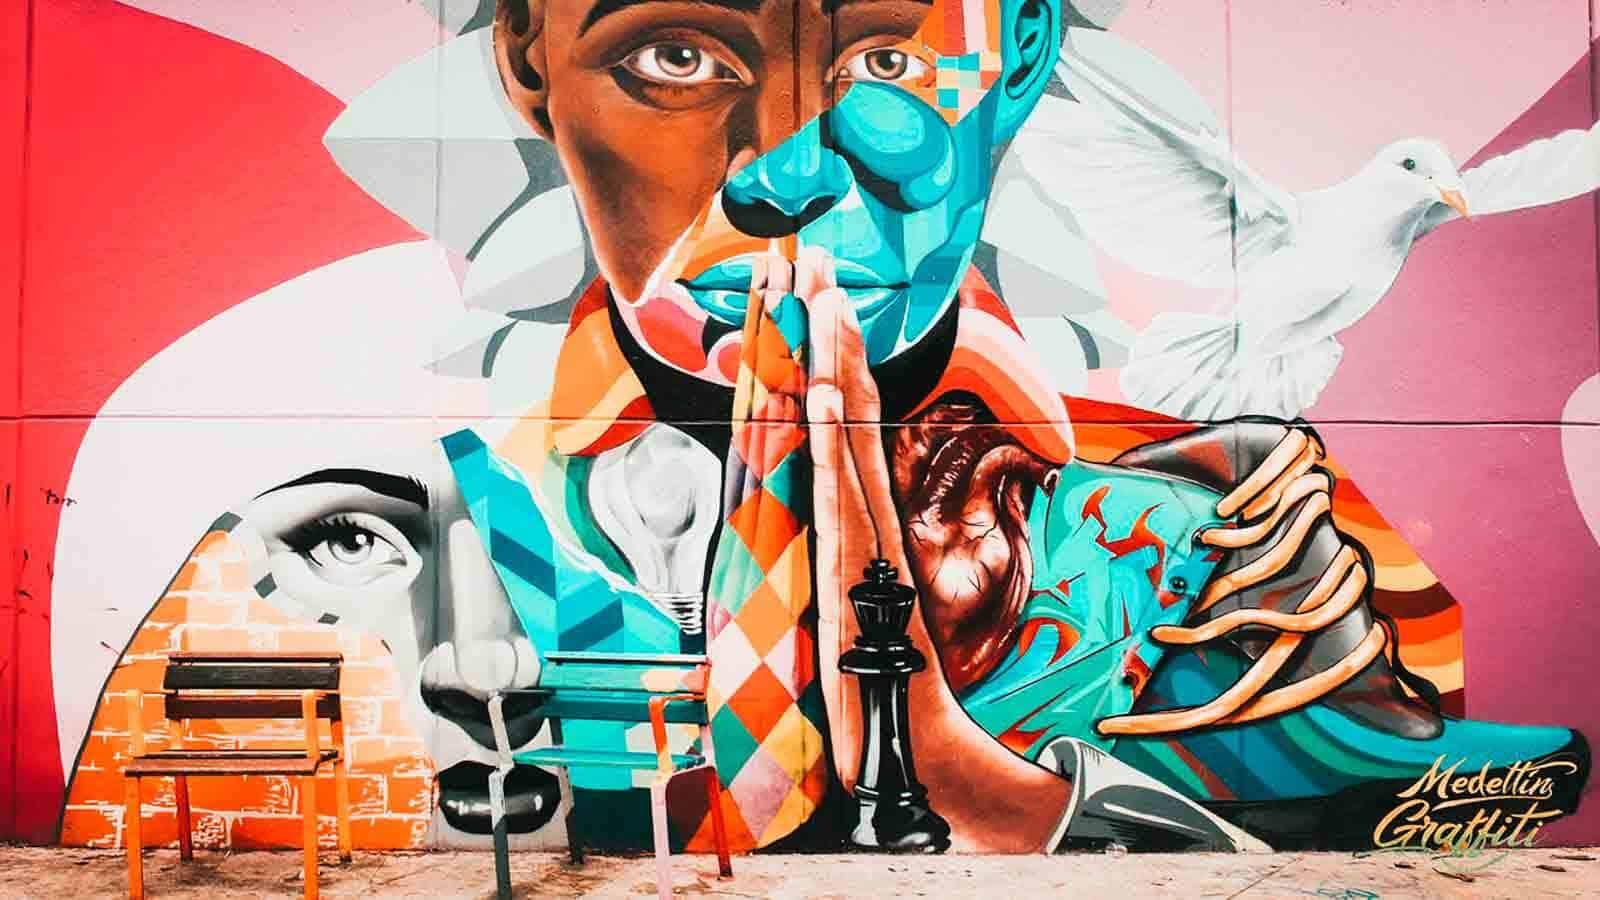 graffitour-medellin-comuna13